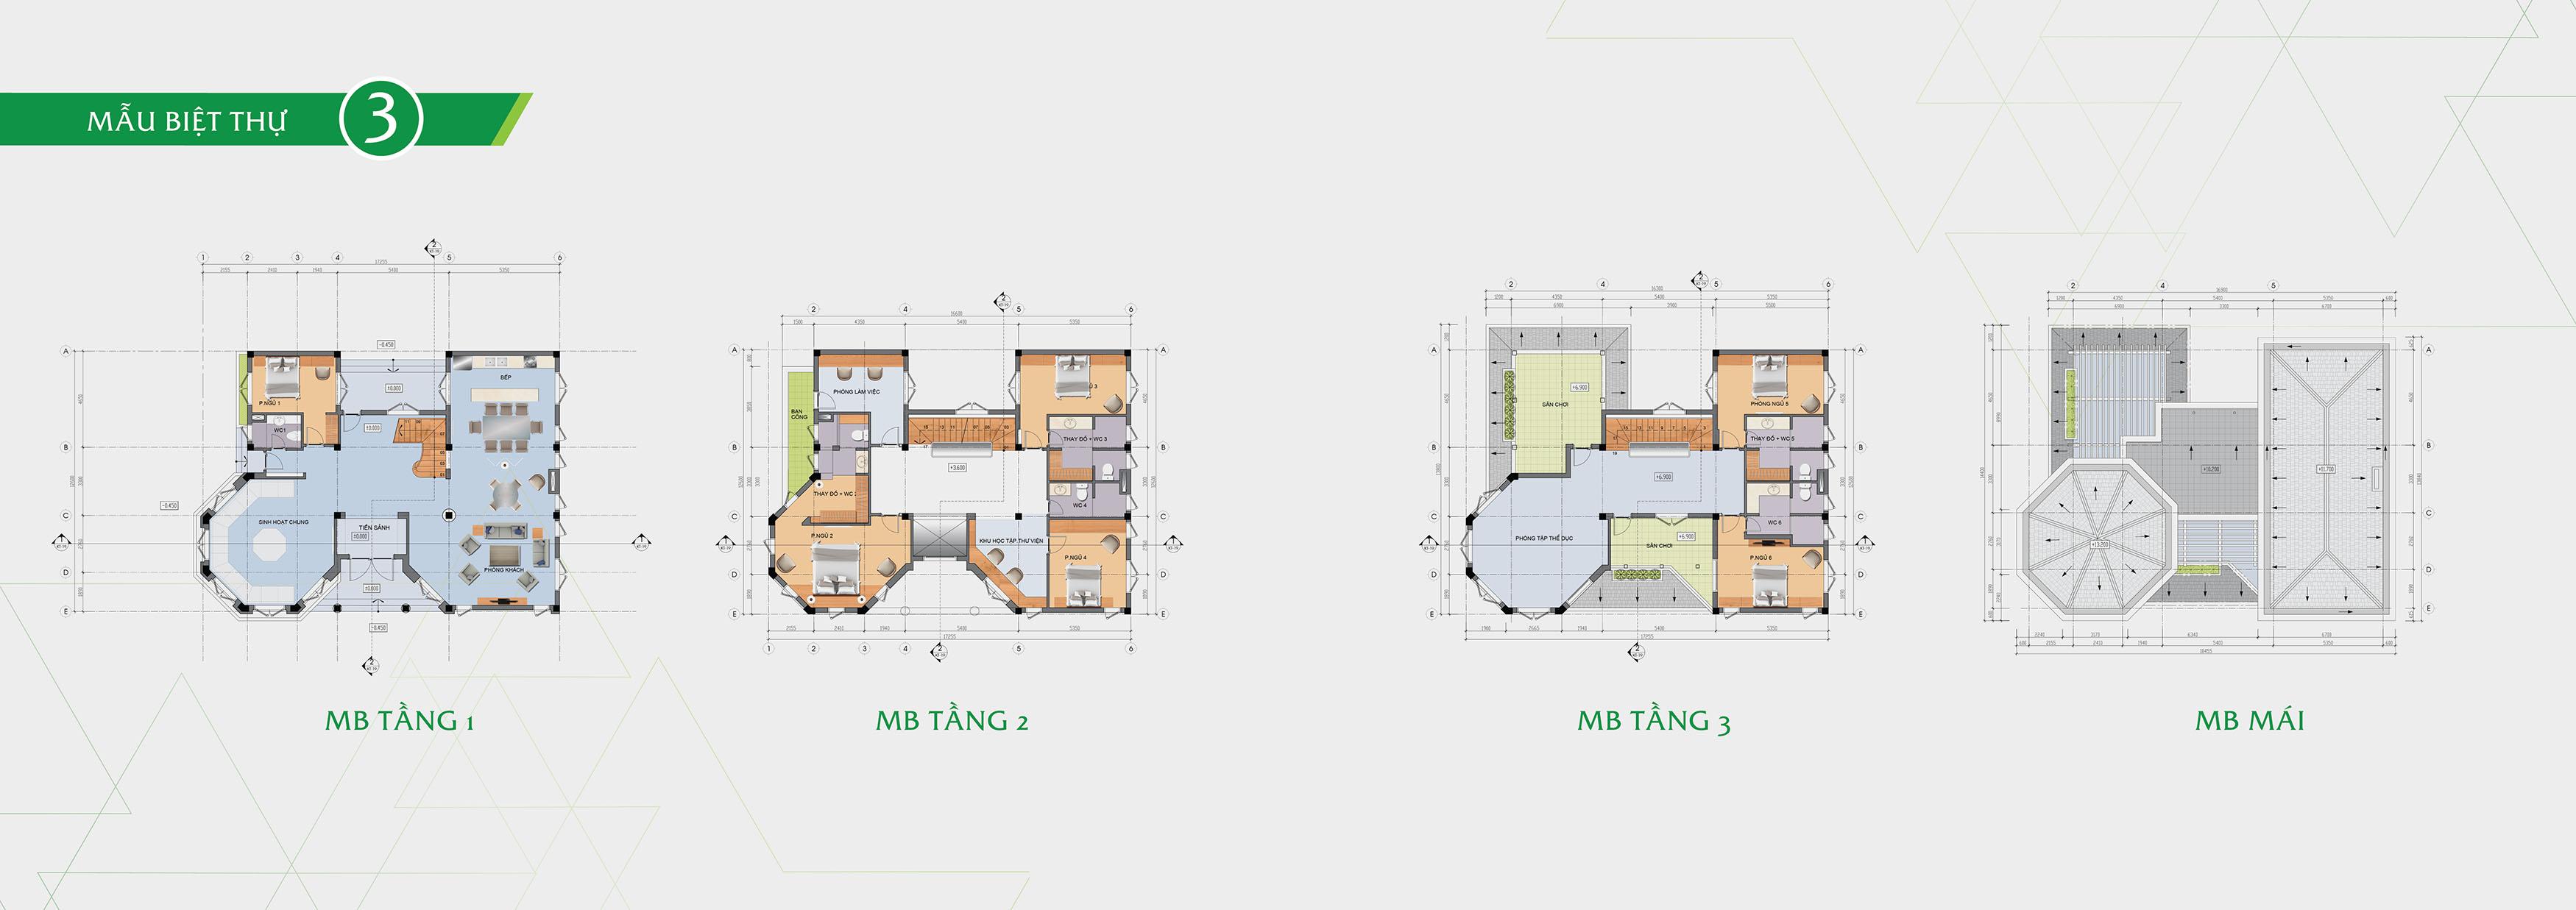 Thiết kế chi tiết Tây Mỗ Residence